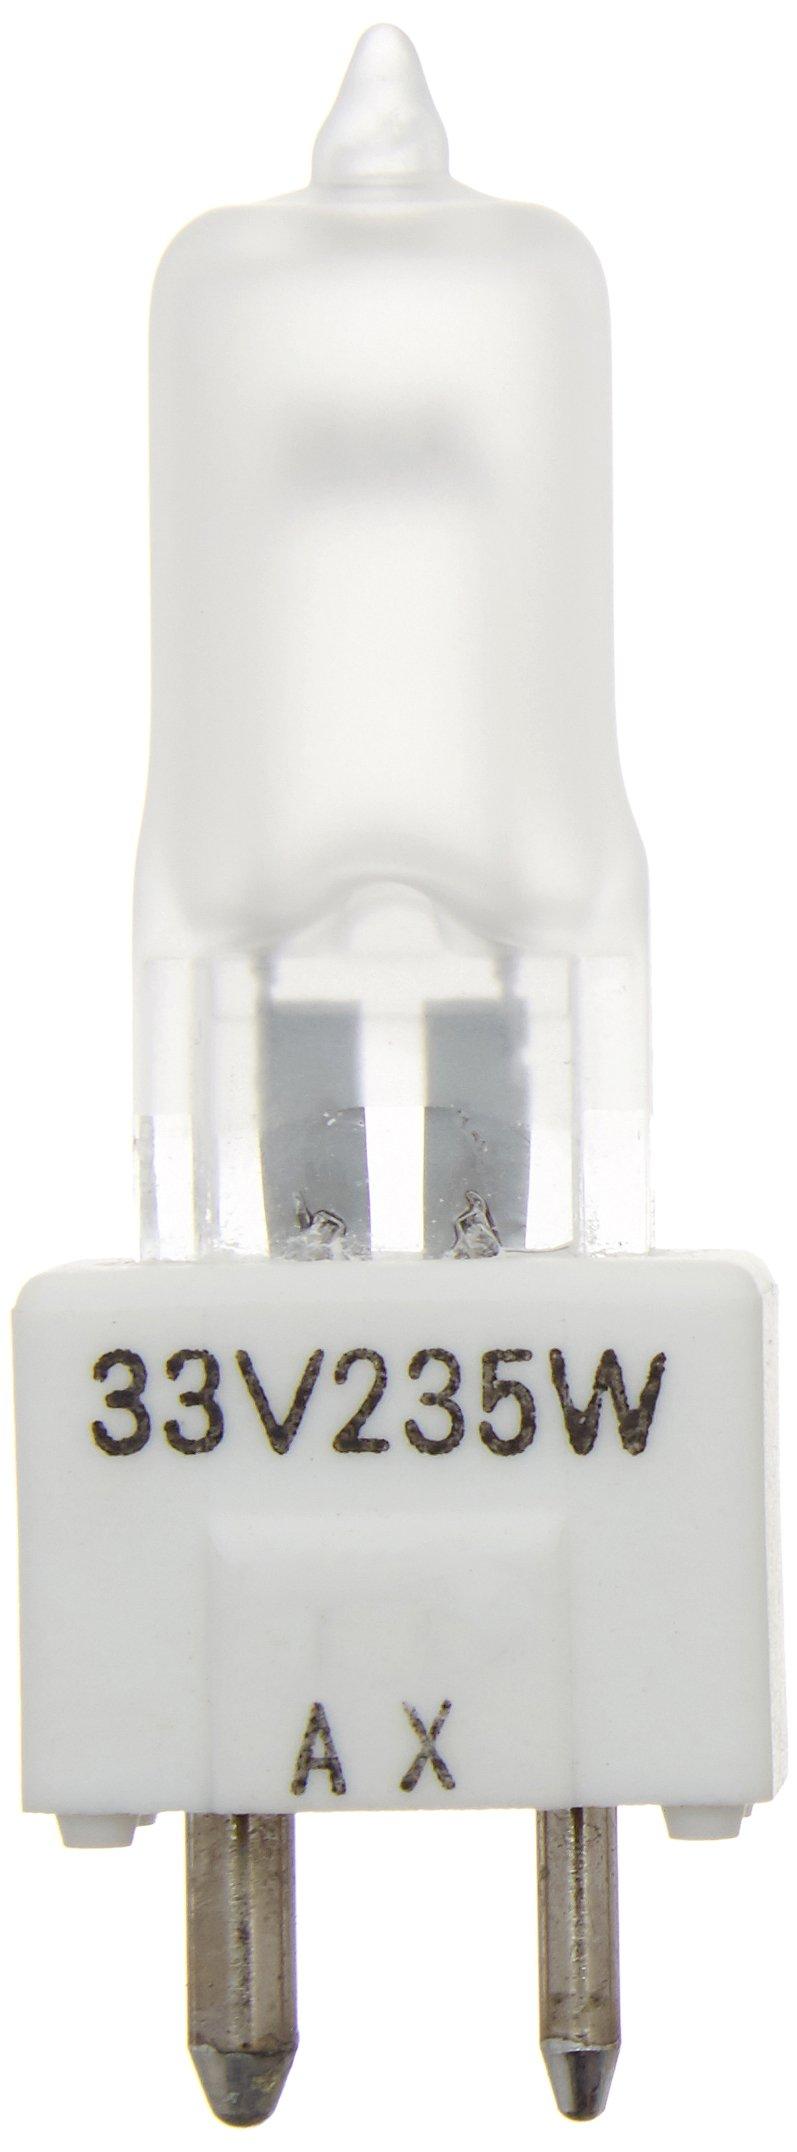 Ushio BC2966 8000353 - SM-P129249-001 Healthcare Medical Scientific Light Bulb